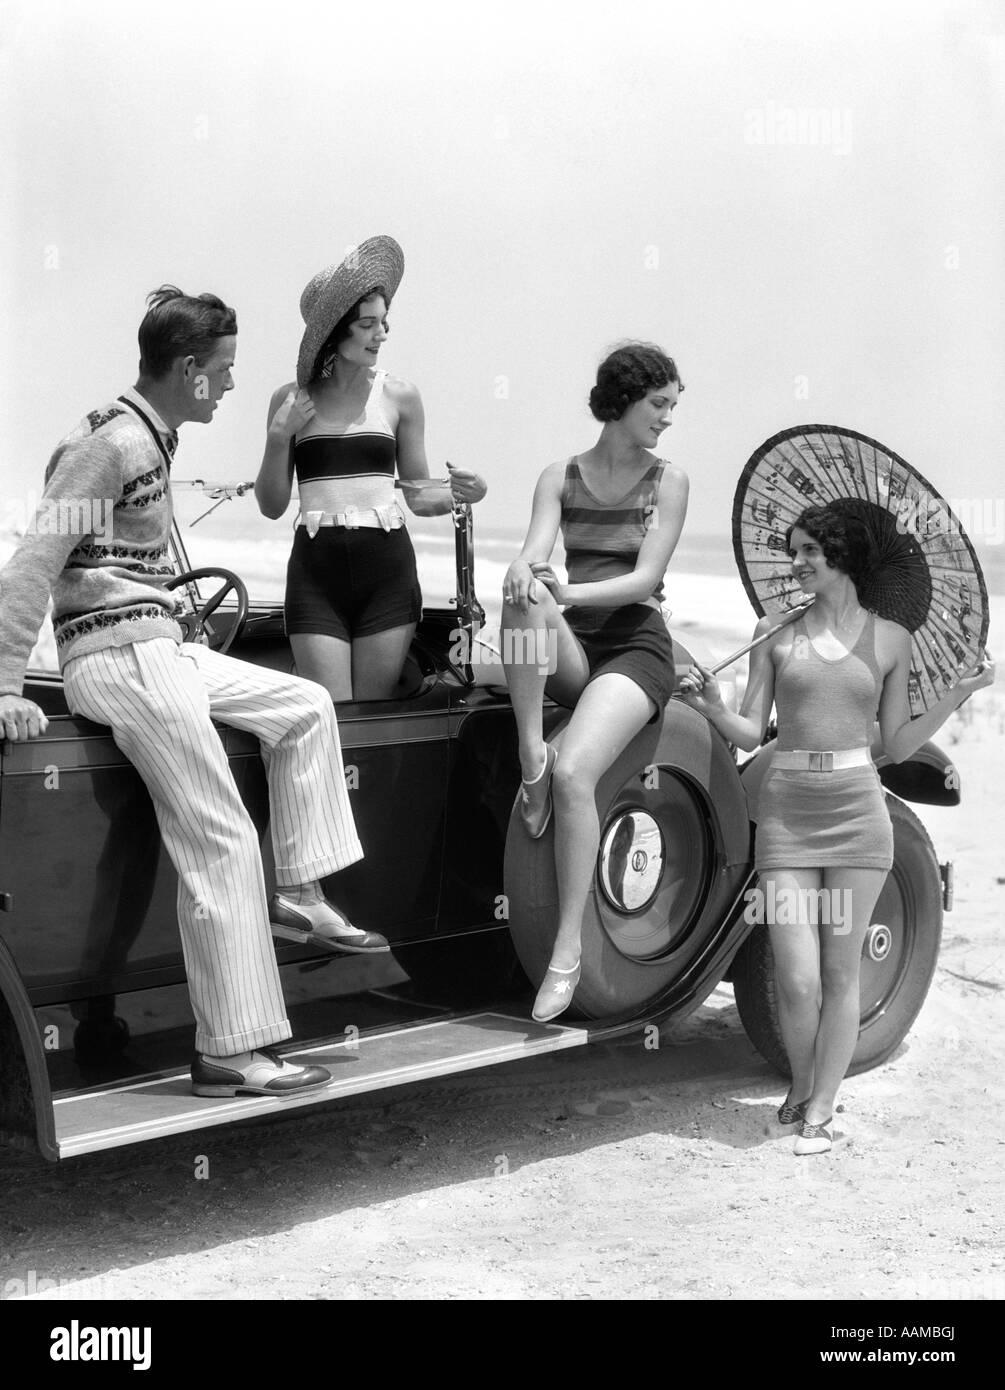 1920 1930 EL HOMBRE Y TRES MUJERES EN ROPA DE PLAYA O TRAJES DE BAÑO posando con el coche en marcha JUNTA Imagen De Stock